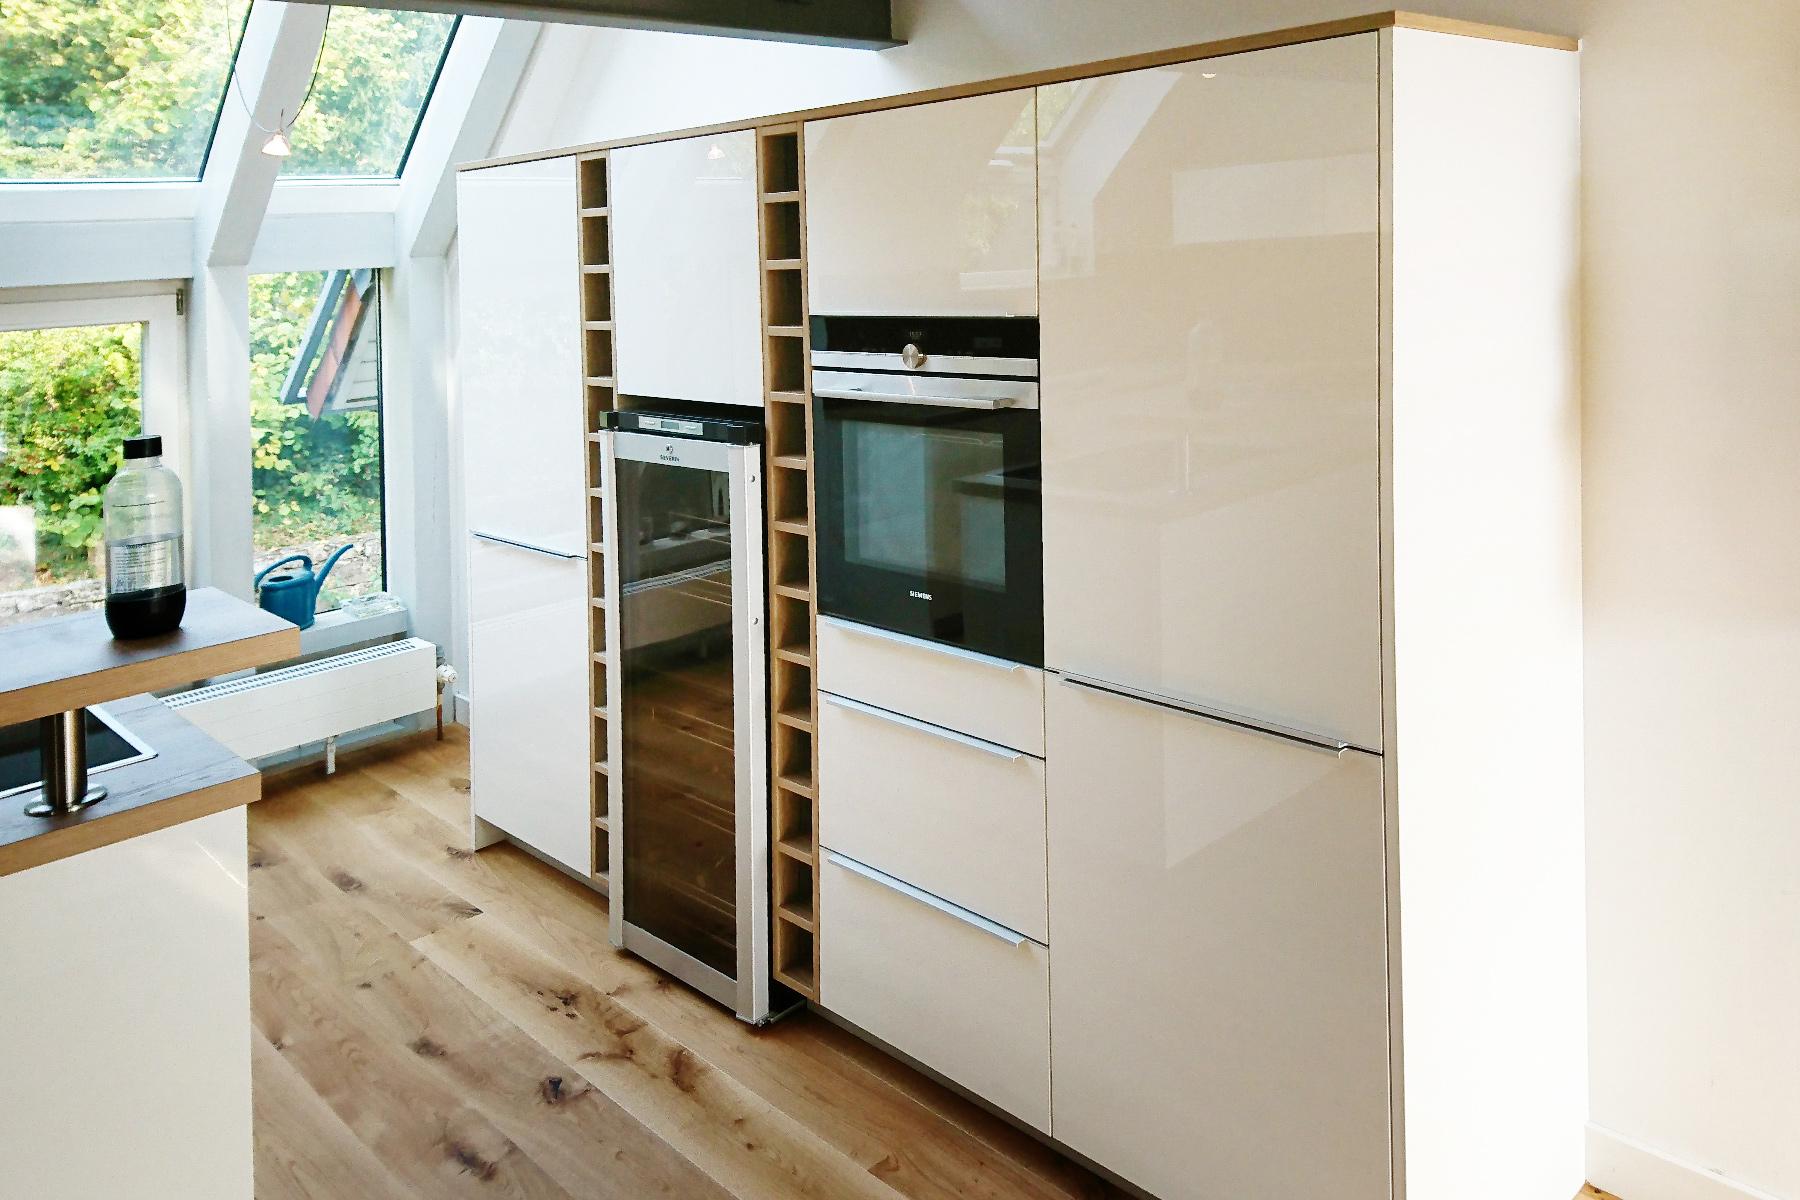 Full Size of Spielhaus Ausstellungsstück Garten Holz Kunststoff Küche Bett Kinderspielhaus Wohnzimmer Spielhaus Ausstellungsstück